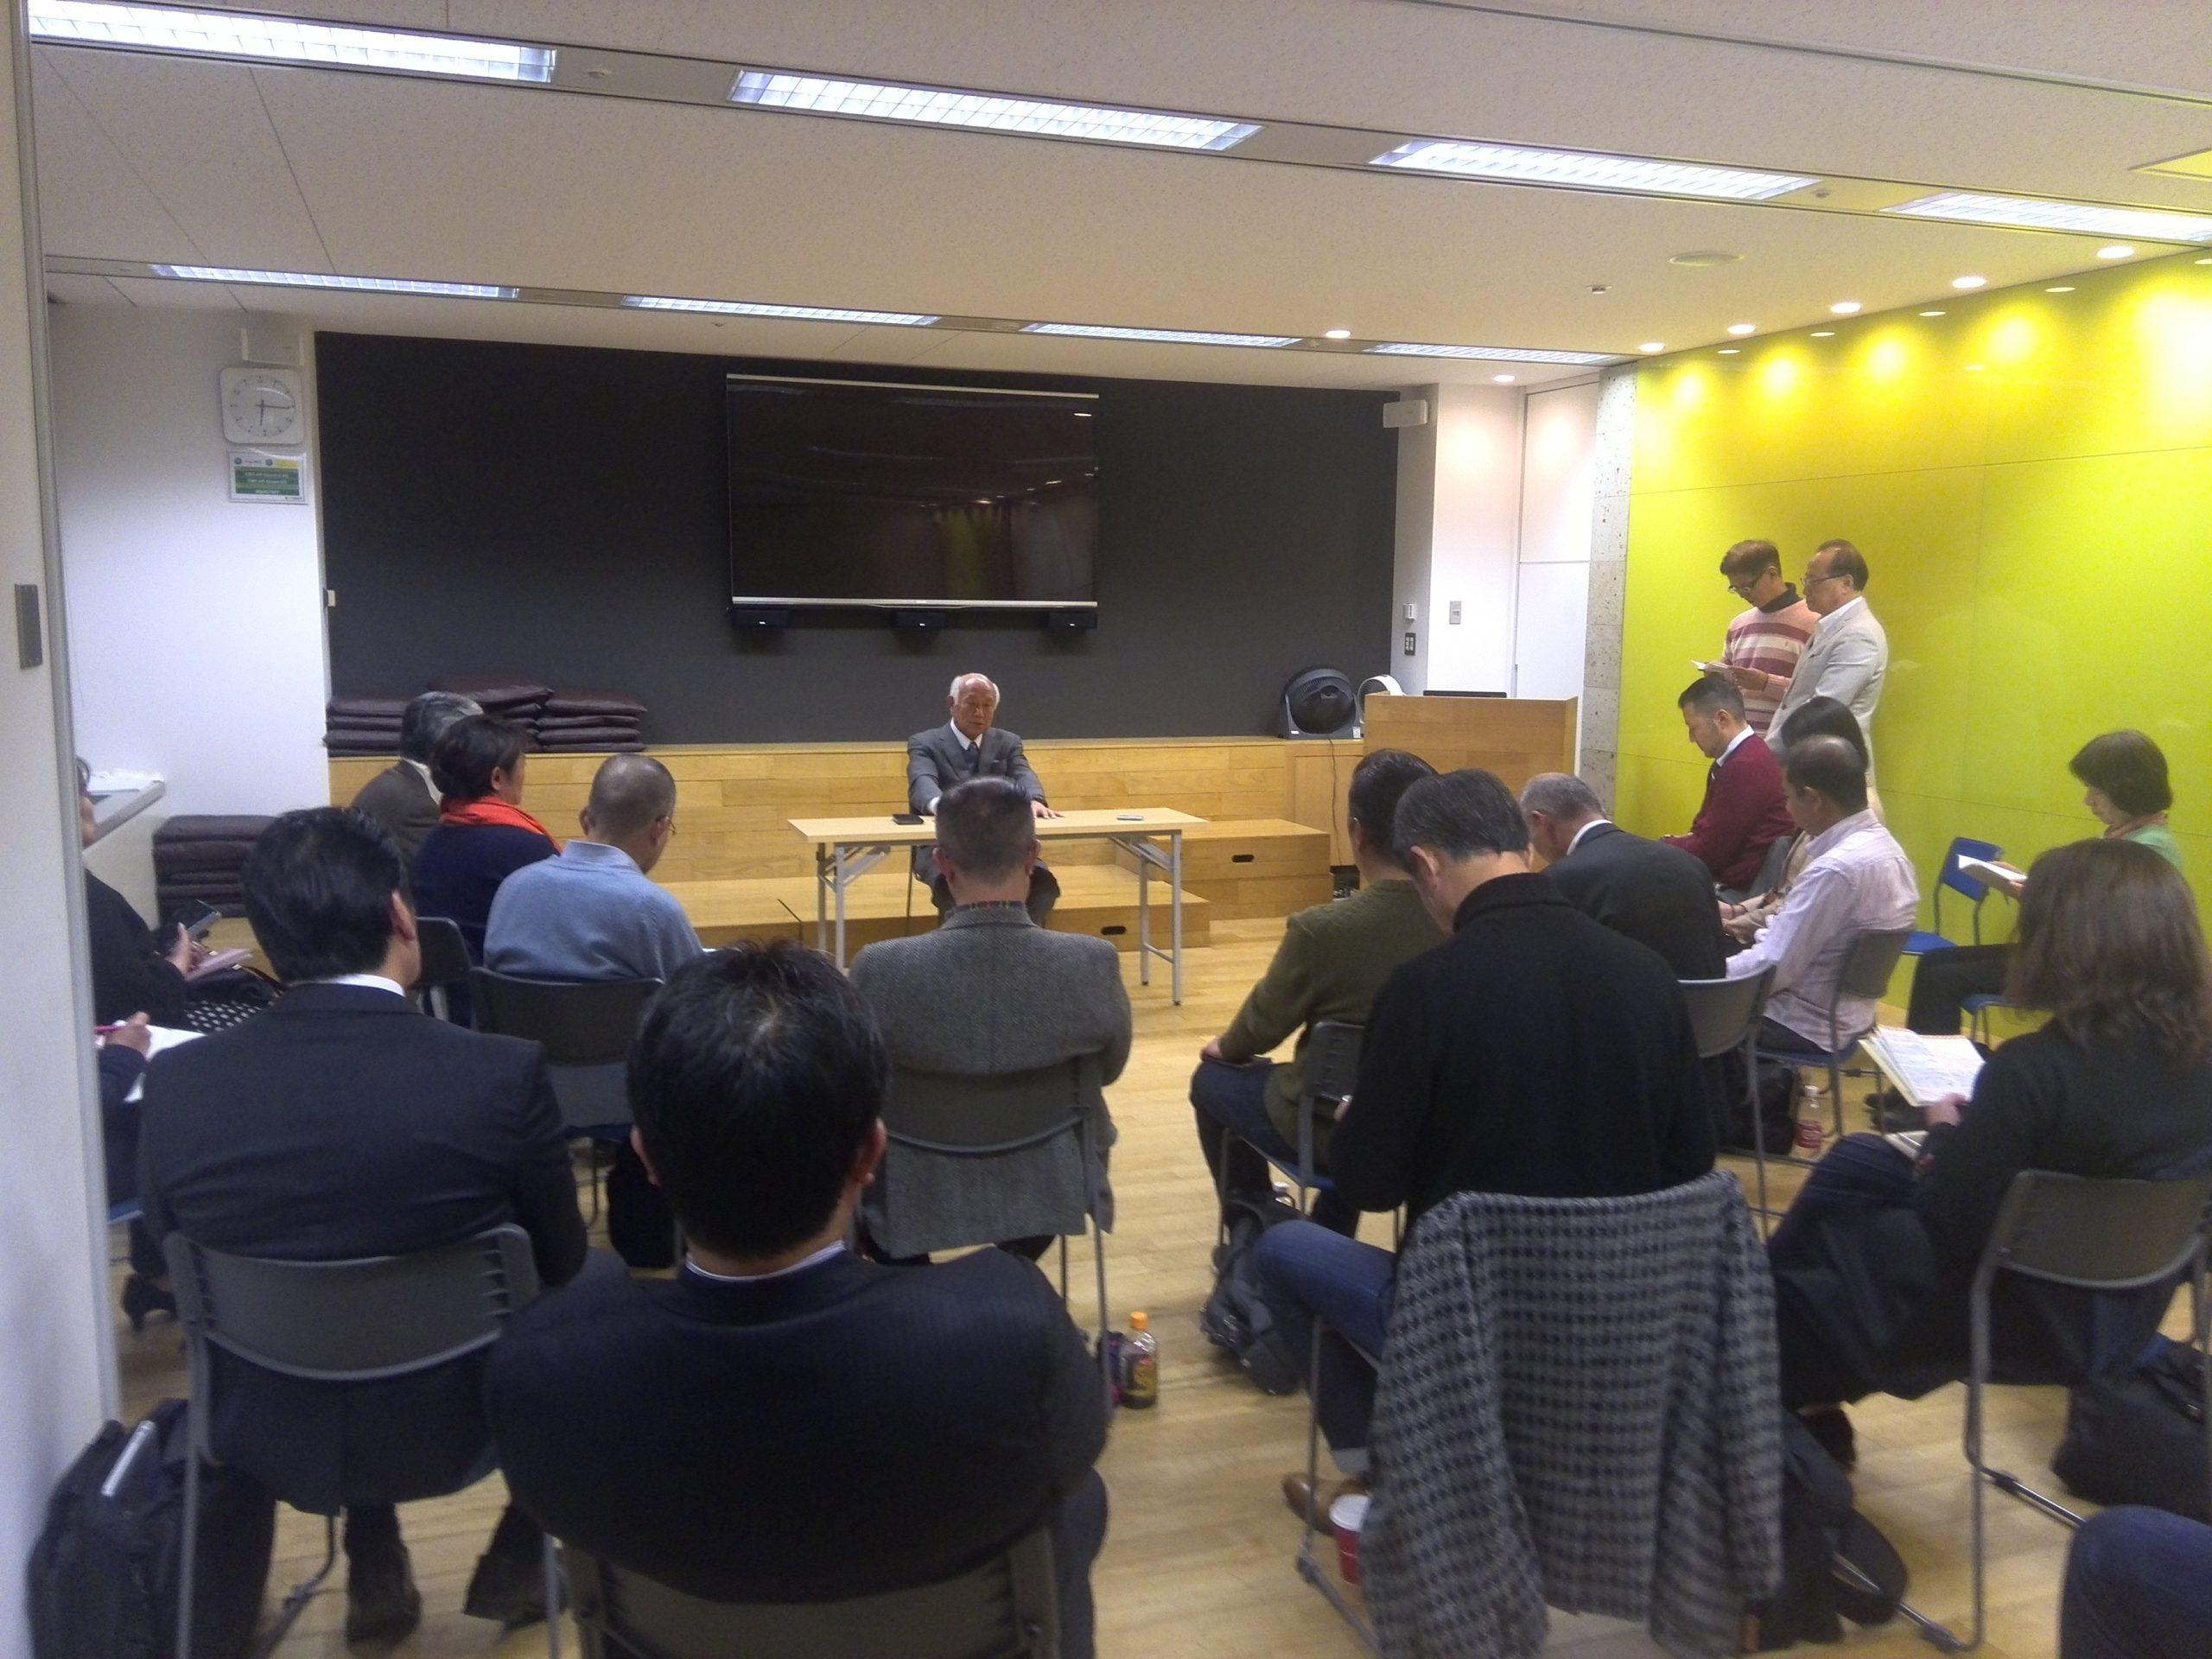 IMG 20110109 143220 scaled - 2019年12月7日(土)第6回東京思風塾「人生の鉄則からの5つの問いとは」をテーマに開催